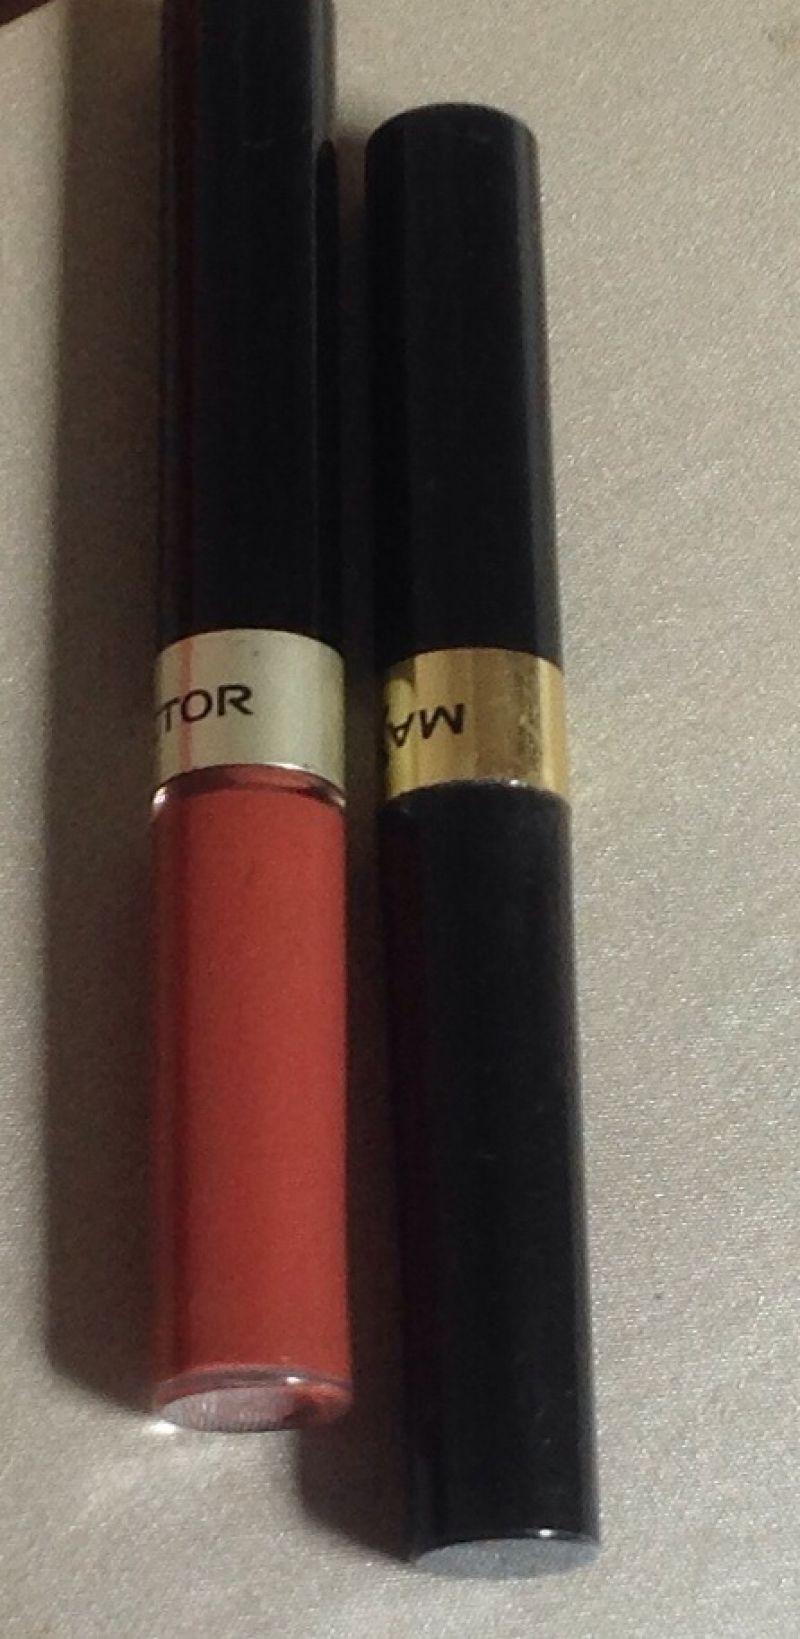 Rouge a lèvre liquide matte, Max Factor - Infos et avis